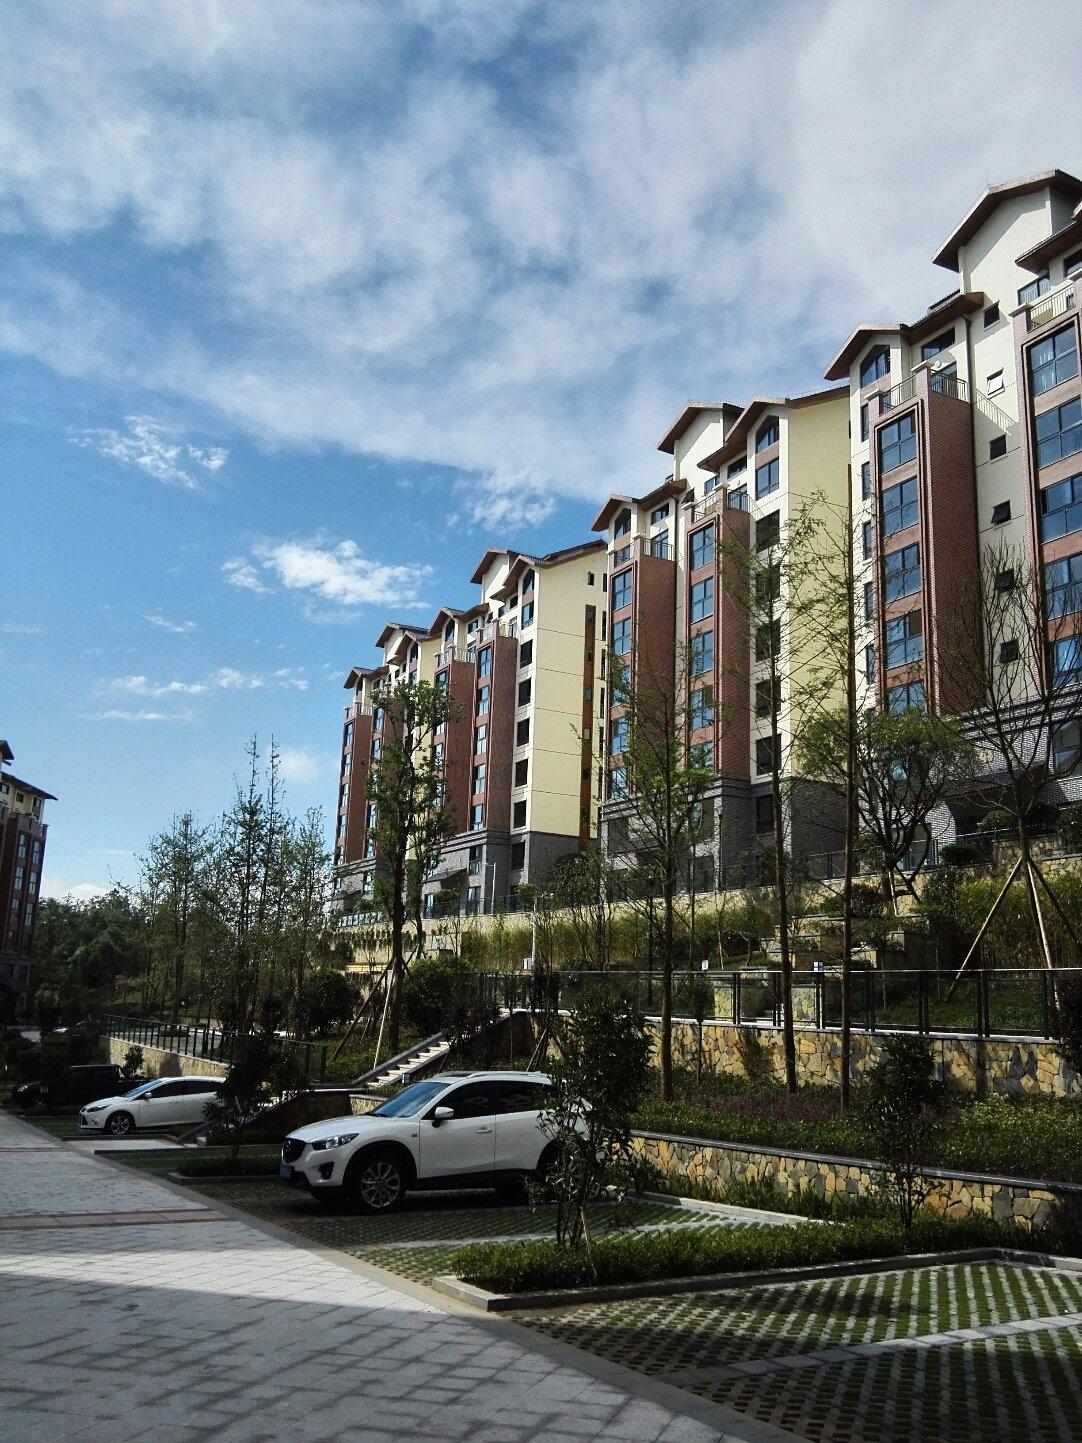 重庆市石柱土家族自治县黄水镇自驾路天气预报蒲城沿黄黄连攻略公路图片